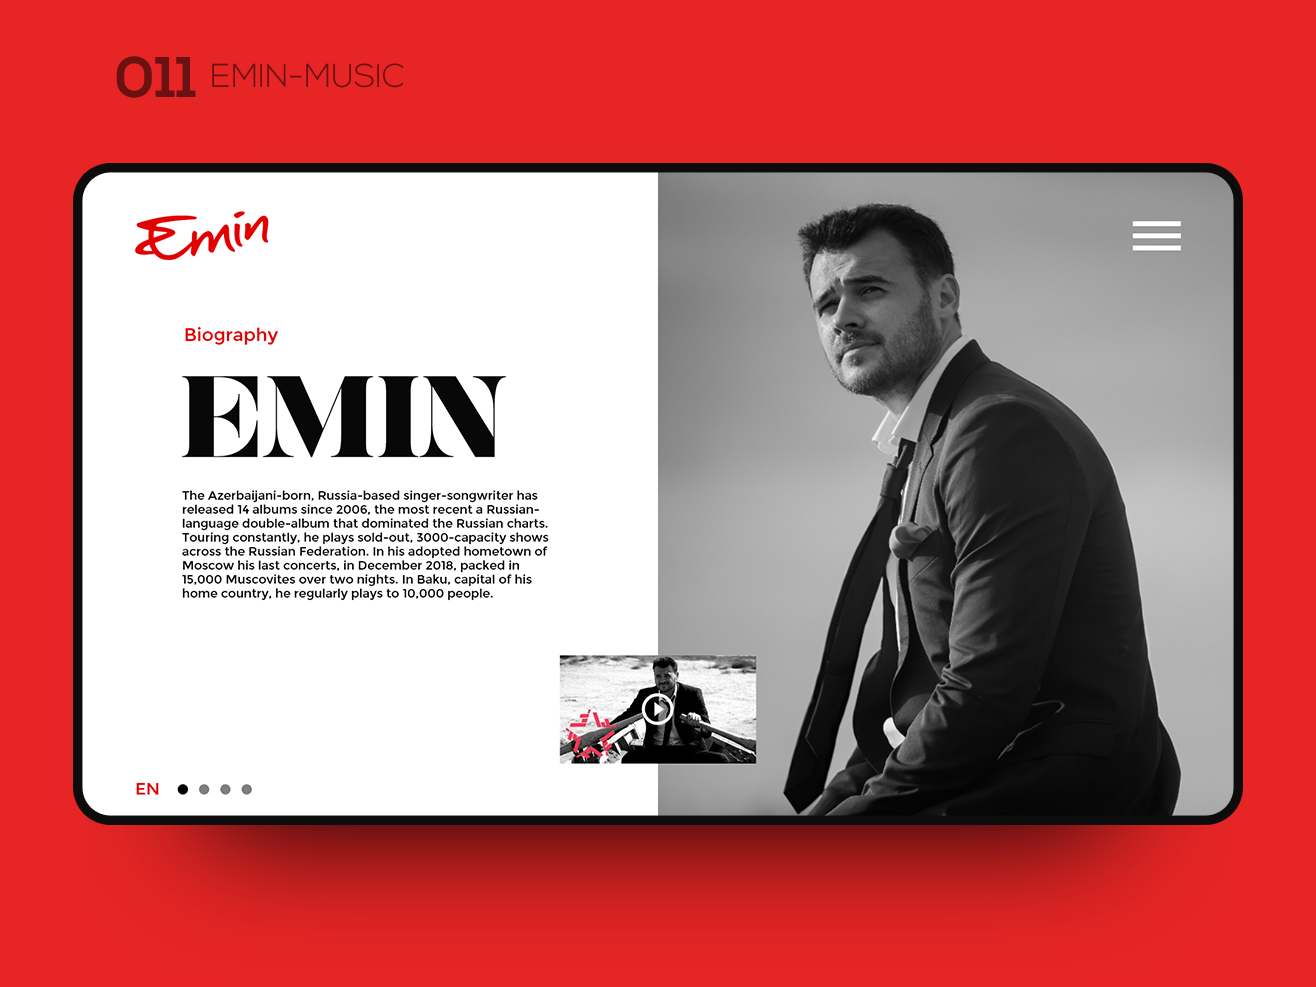 Daily UI 011 — EMIN-MUSIC ui kit ui icons ui ux designer ui interaction ui ux design ui ux user ui design uidesign ui ux interaction inspiration ui inspiration ui interface uxui webdesign web ux musician uiux ui